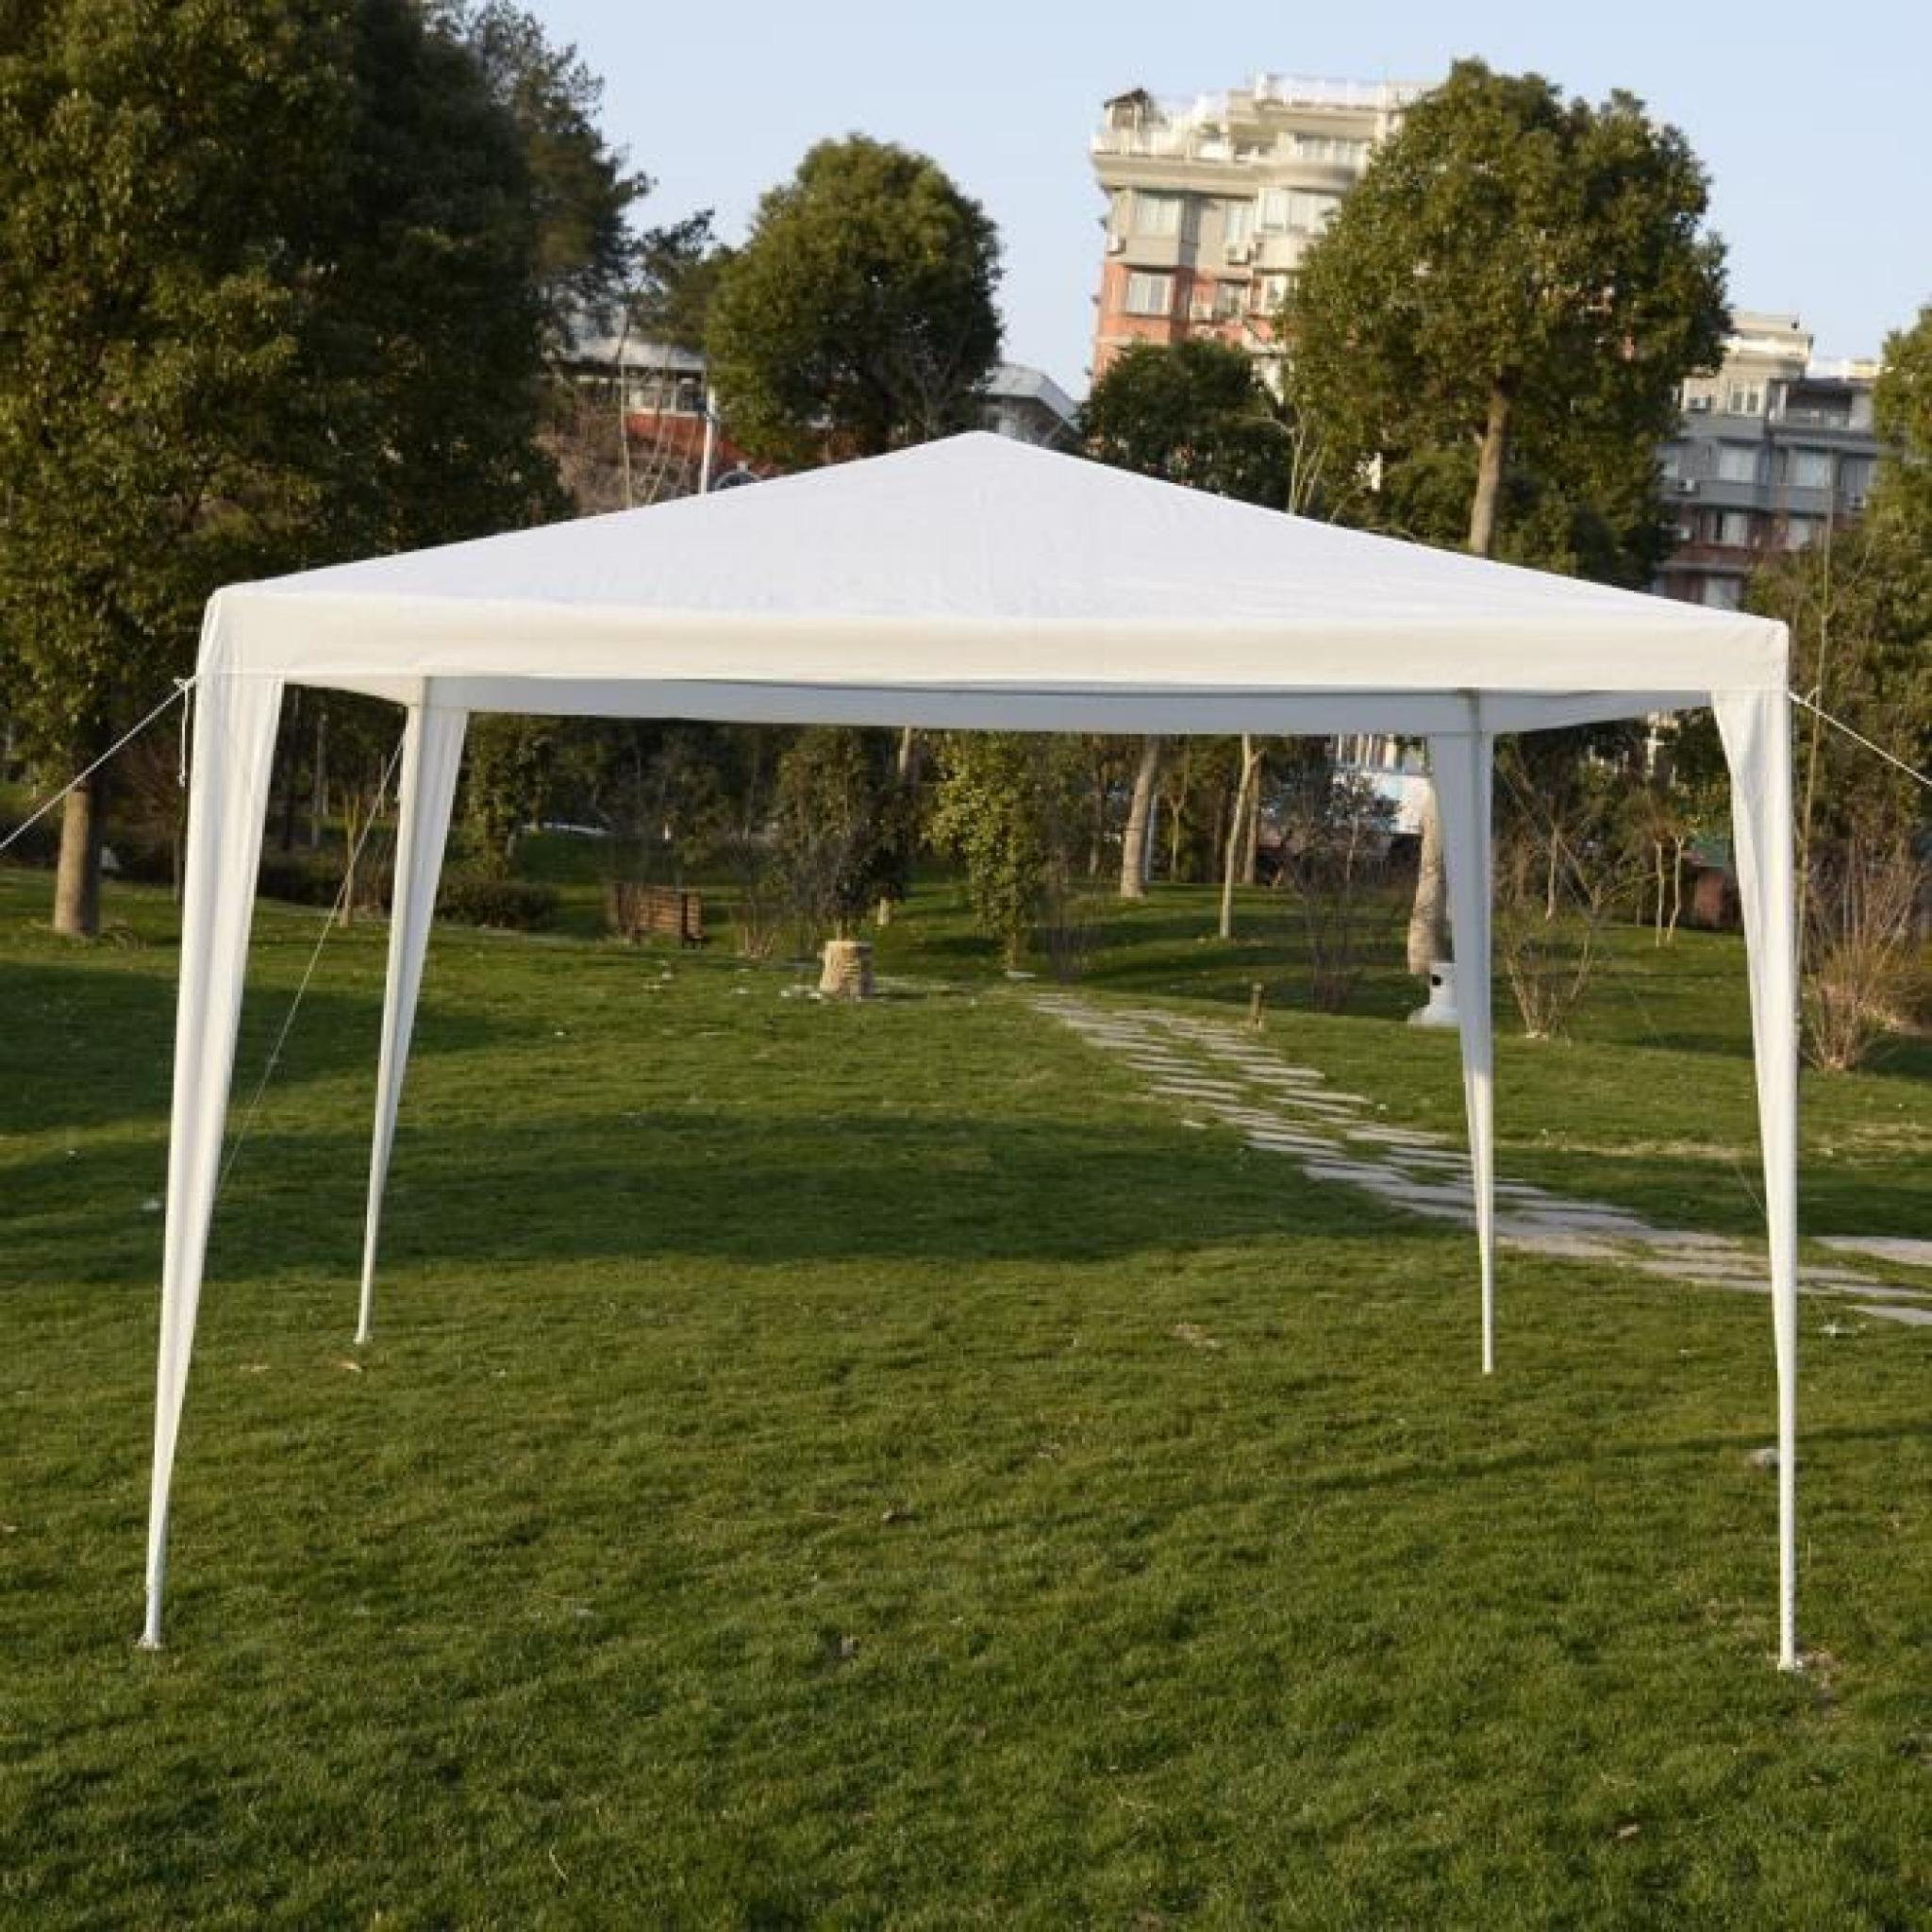 tente pavillon chapiteau tonnelle de jardin 3x3m pebarnum parfait achat vente tonnelle en. Black Bedroom Furniture Sets. Home Design Ideas